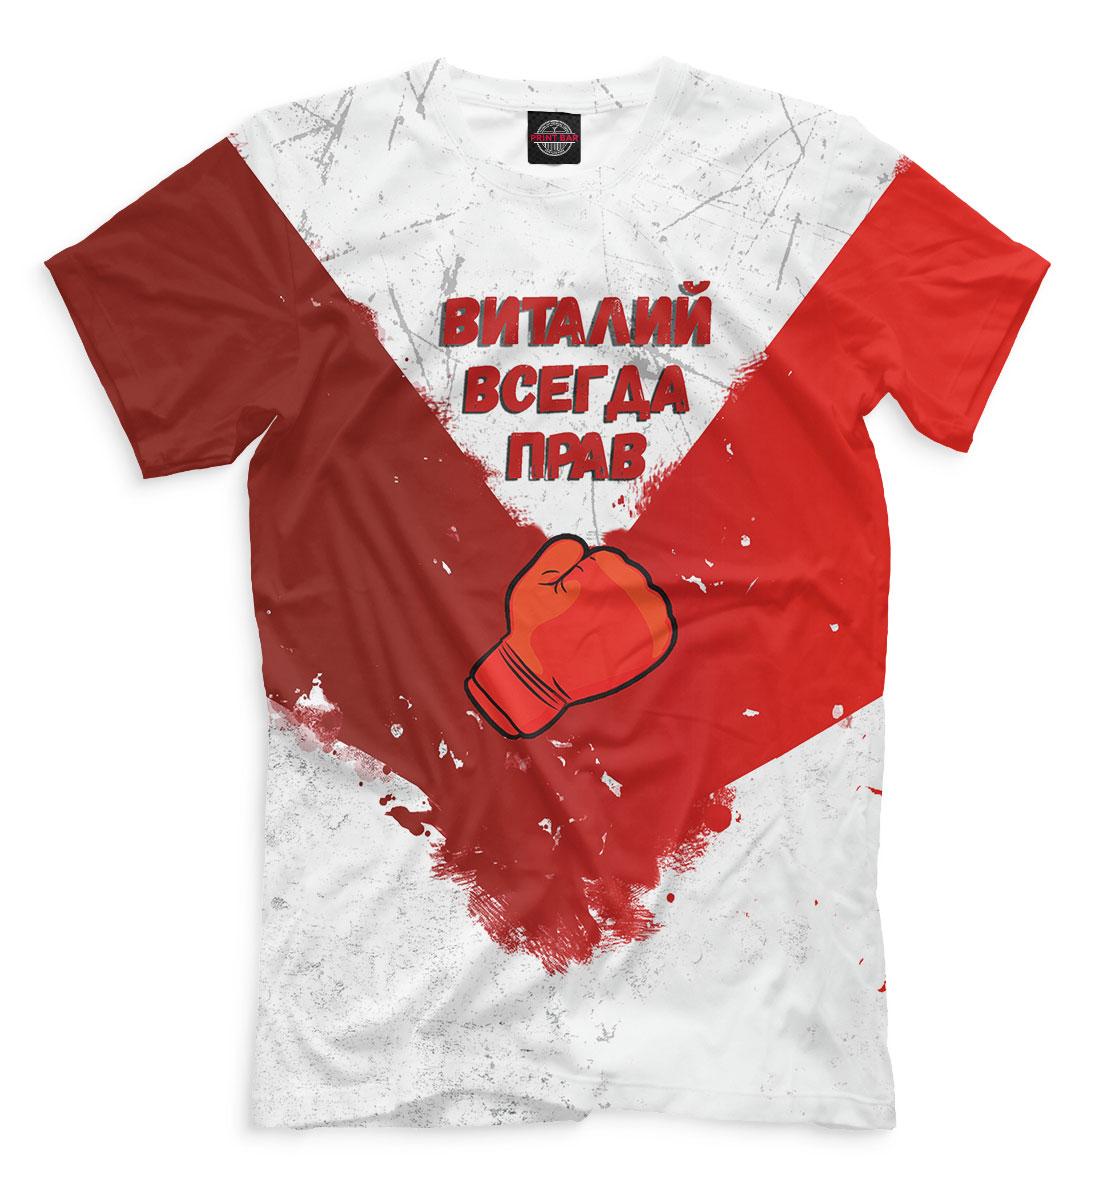 Купить Виталий всегда прав, Printbar, Футболки, VTL-621520-fut-2